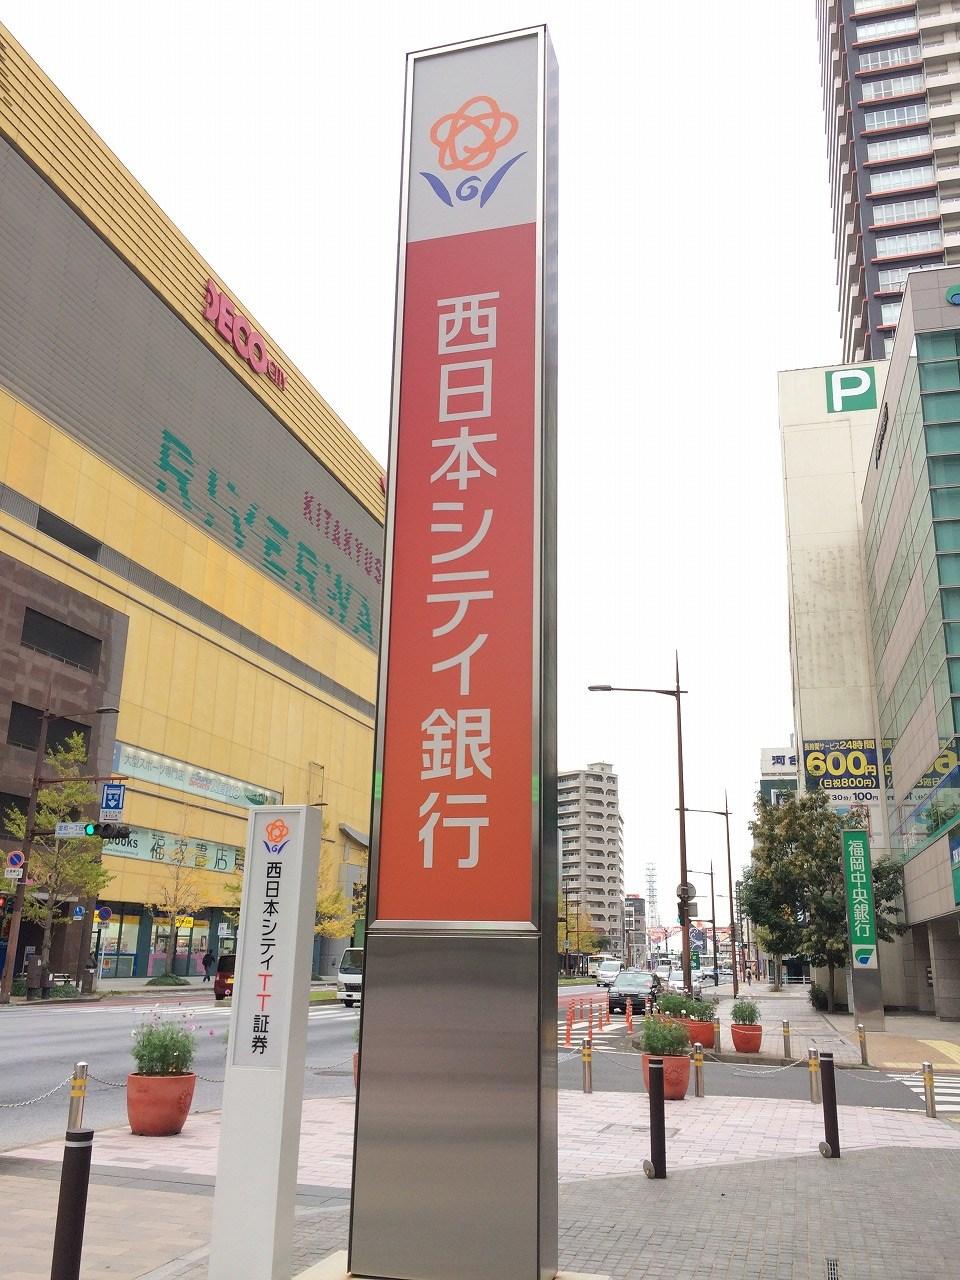 銀行:西日本シティ銀行 ファミリーマートJR門司駅店 (ATM) 653m 近隣